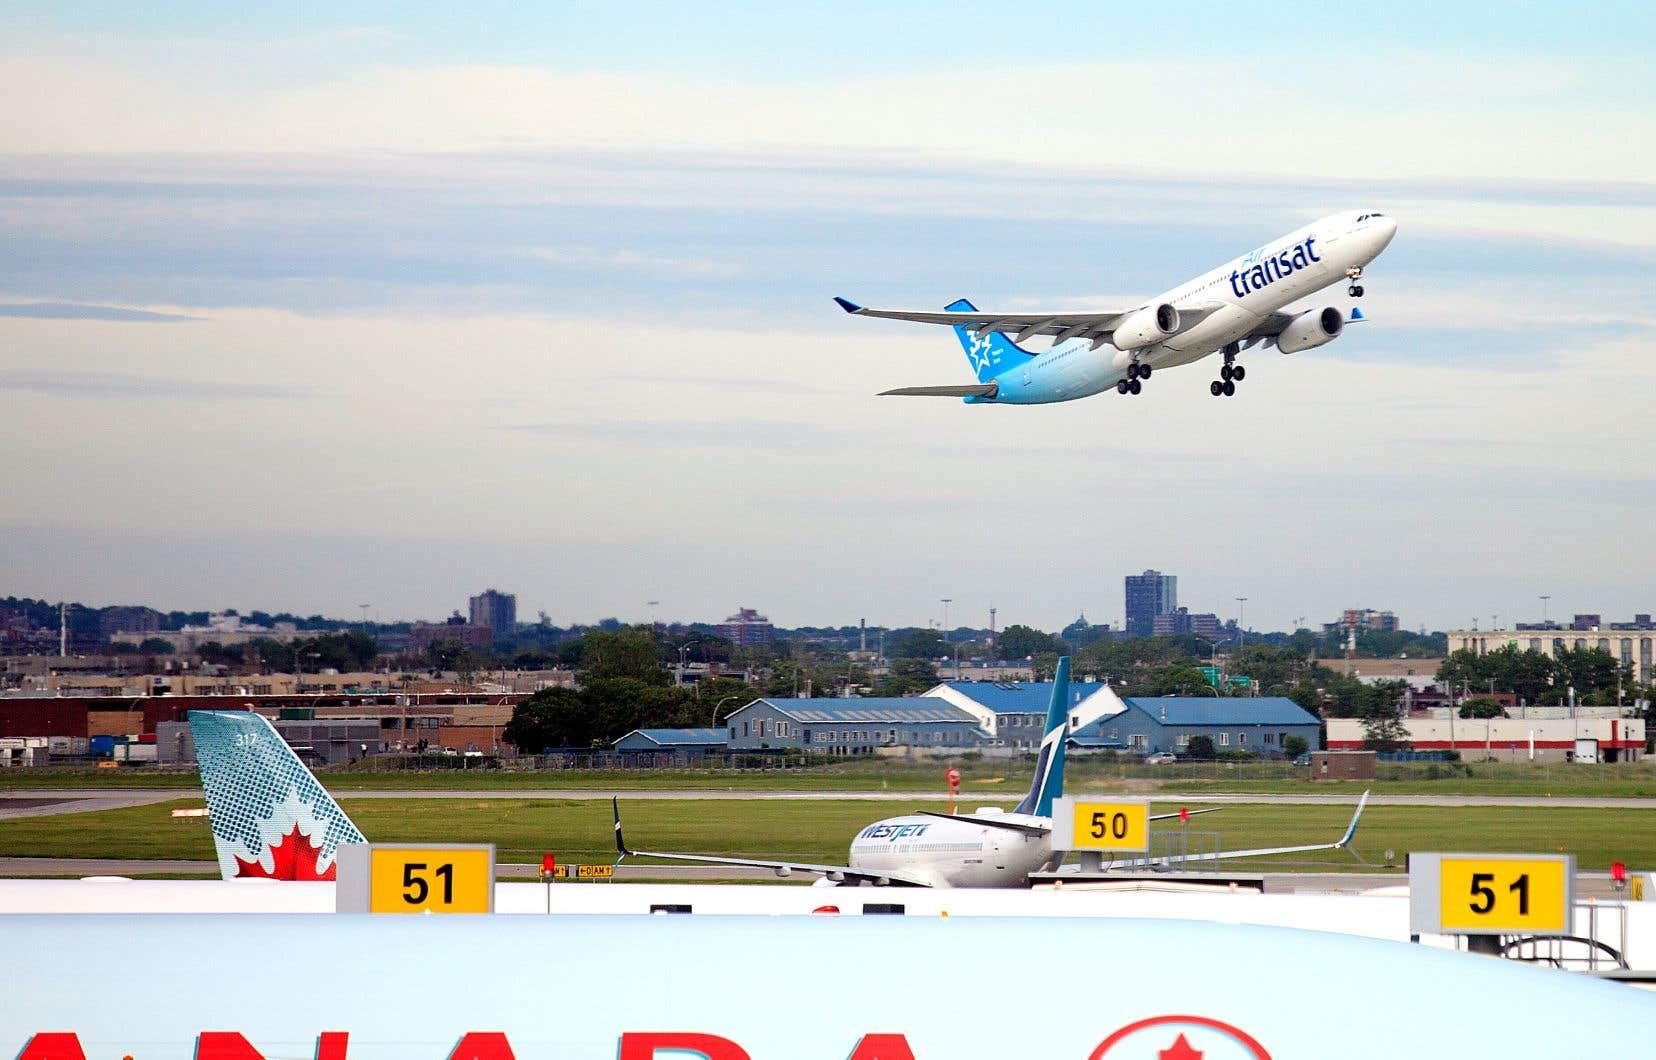 Transat et la compagnie britannique Thomas Cook avaient conclu un accord d'échange d'appareils en octobre dernier.